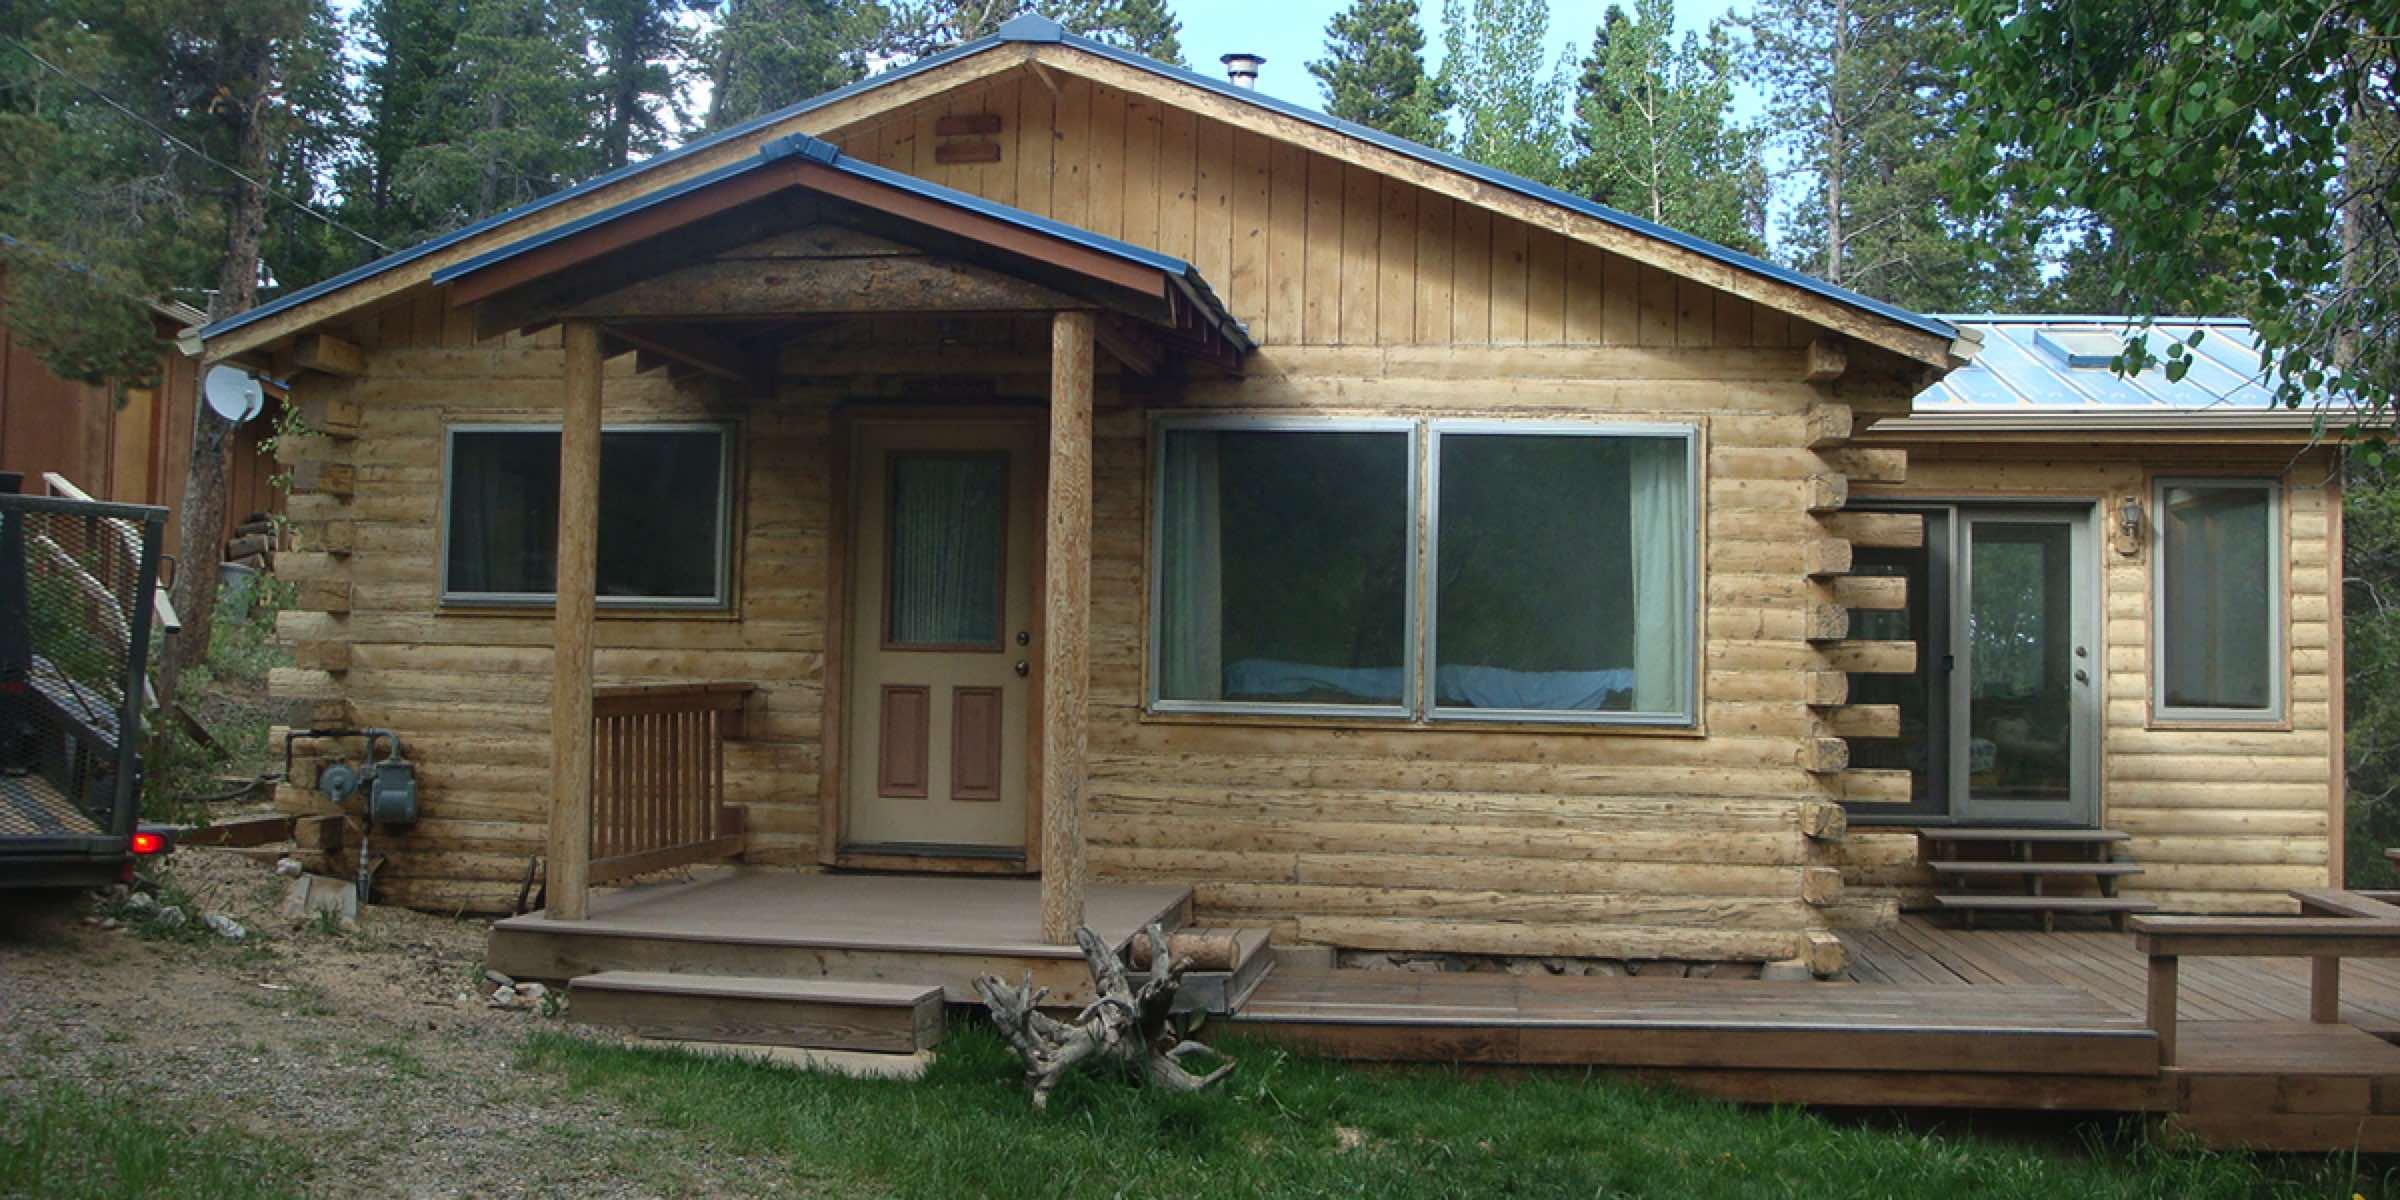 Home Restoration Outside After